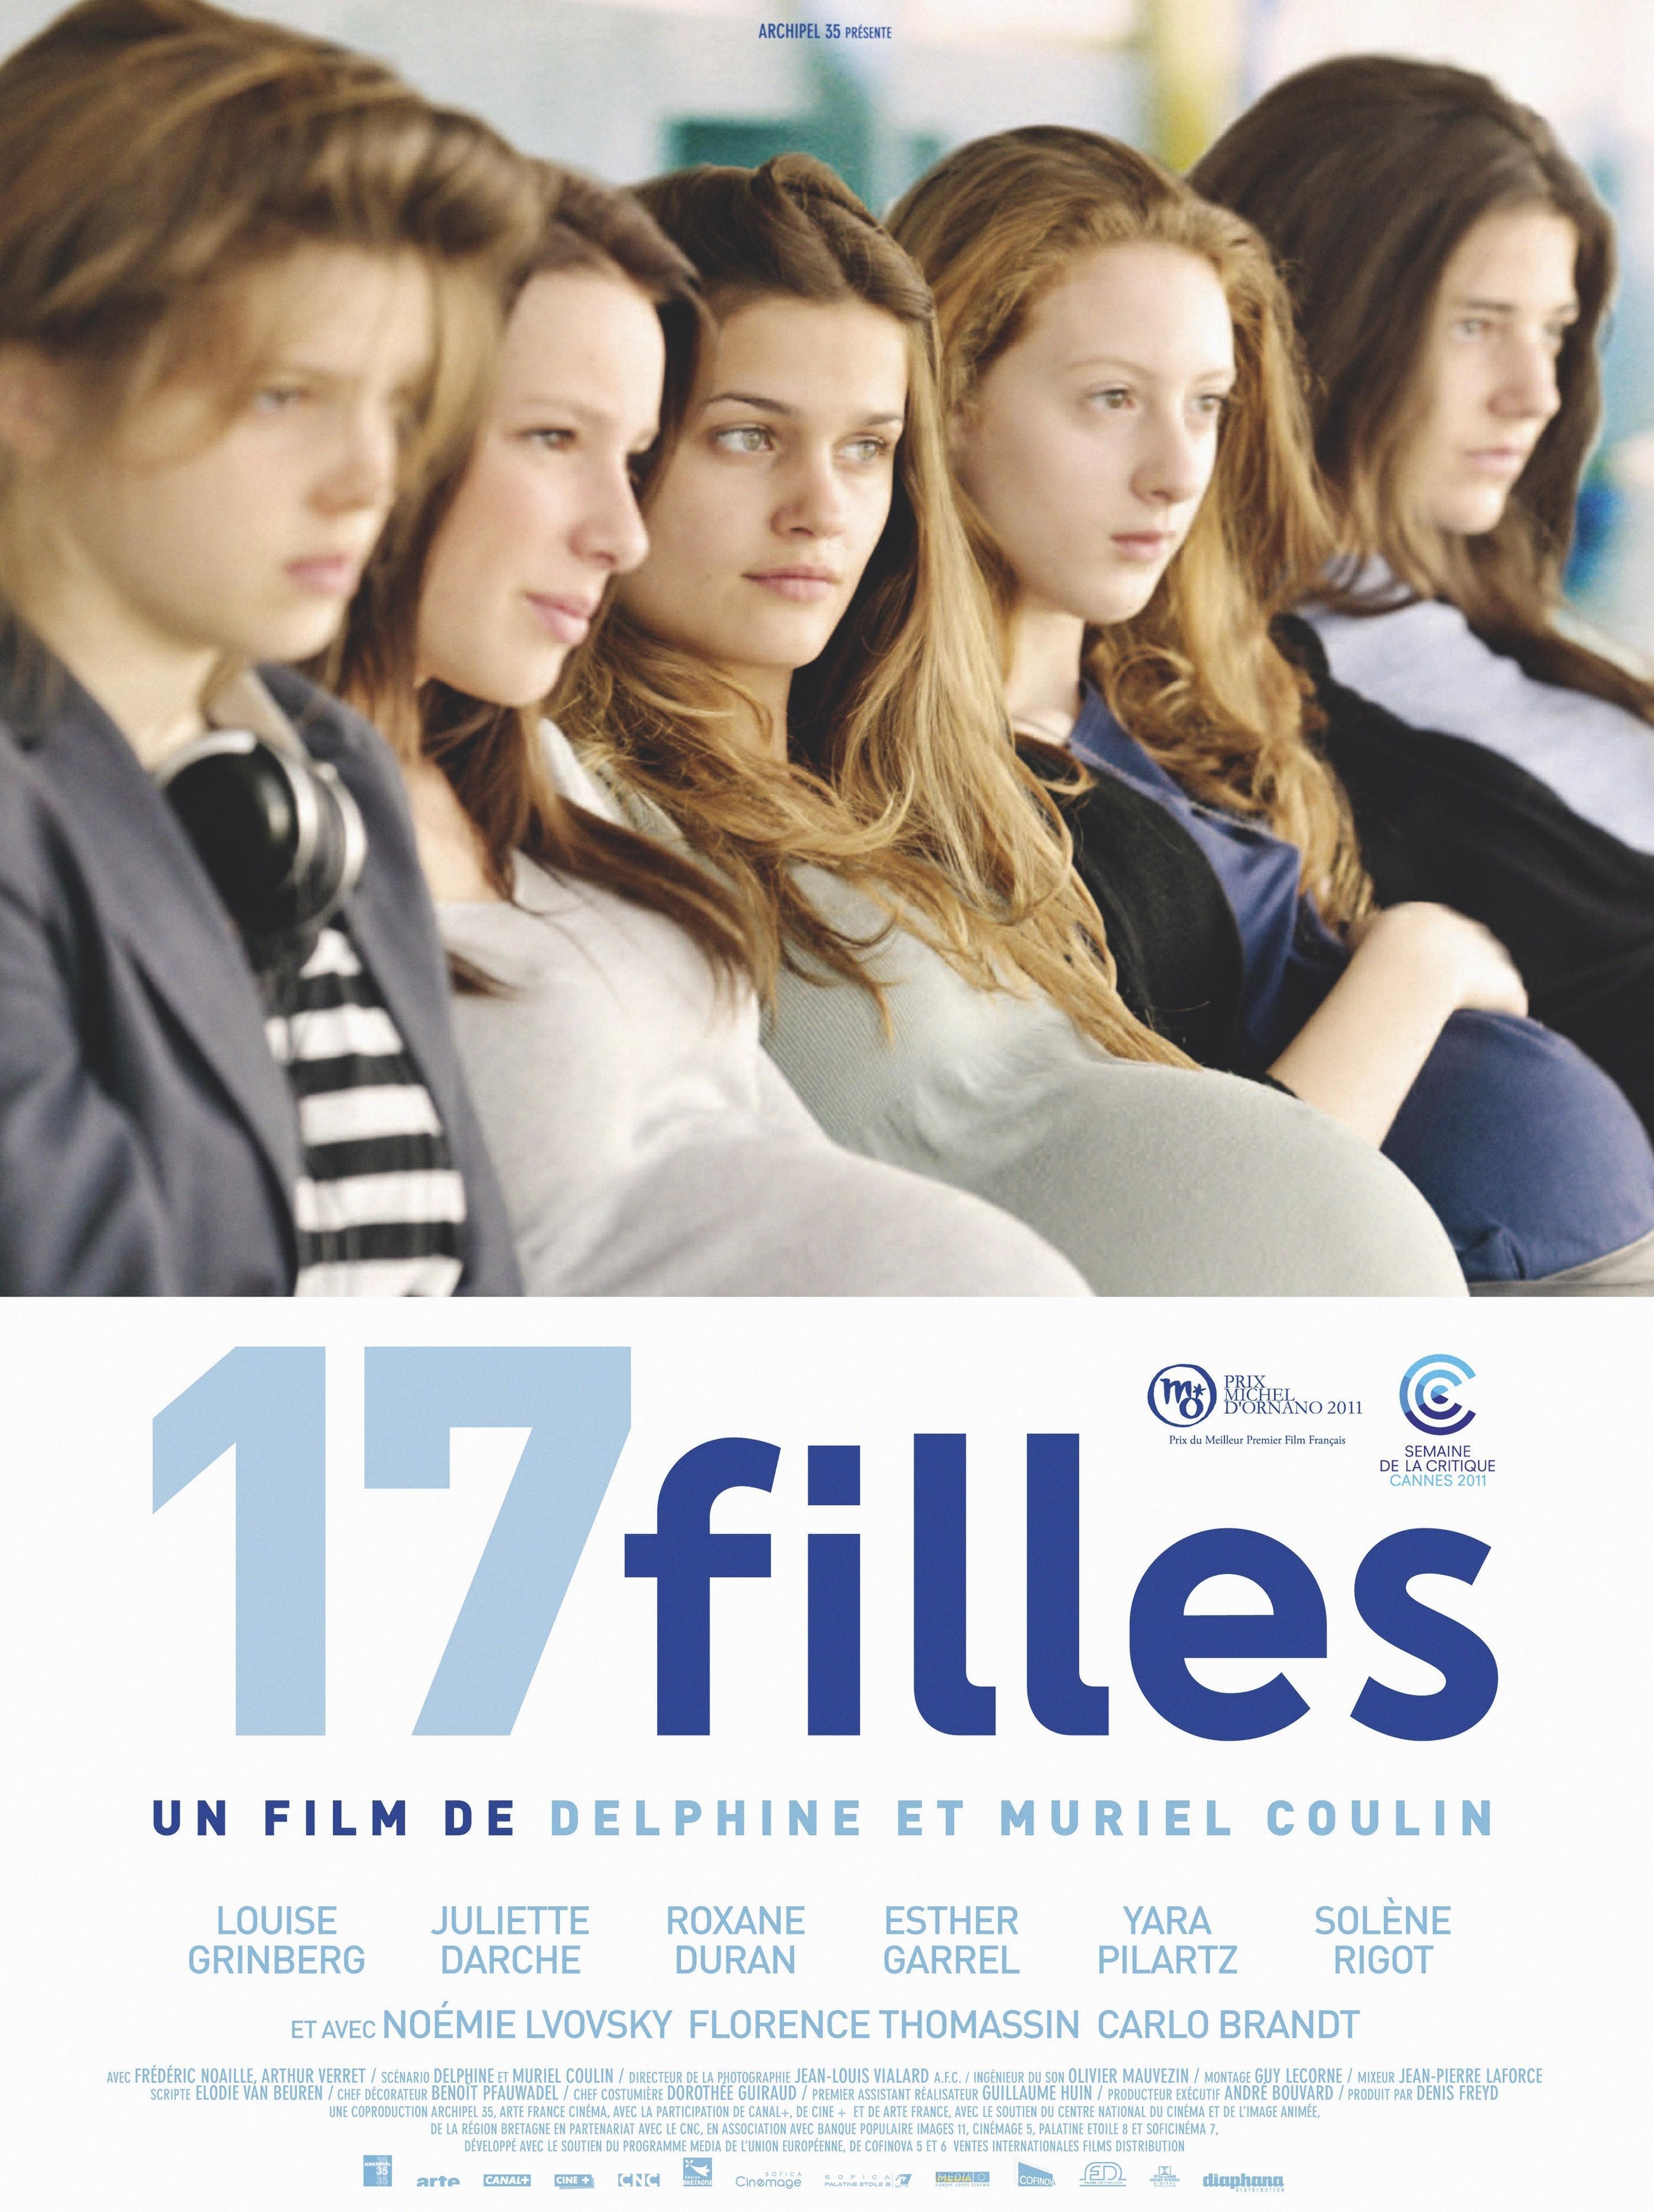 Delphine et Muriel Coulin, Dix-sept filles, 2004.